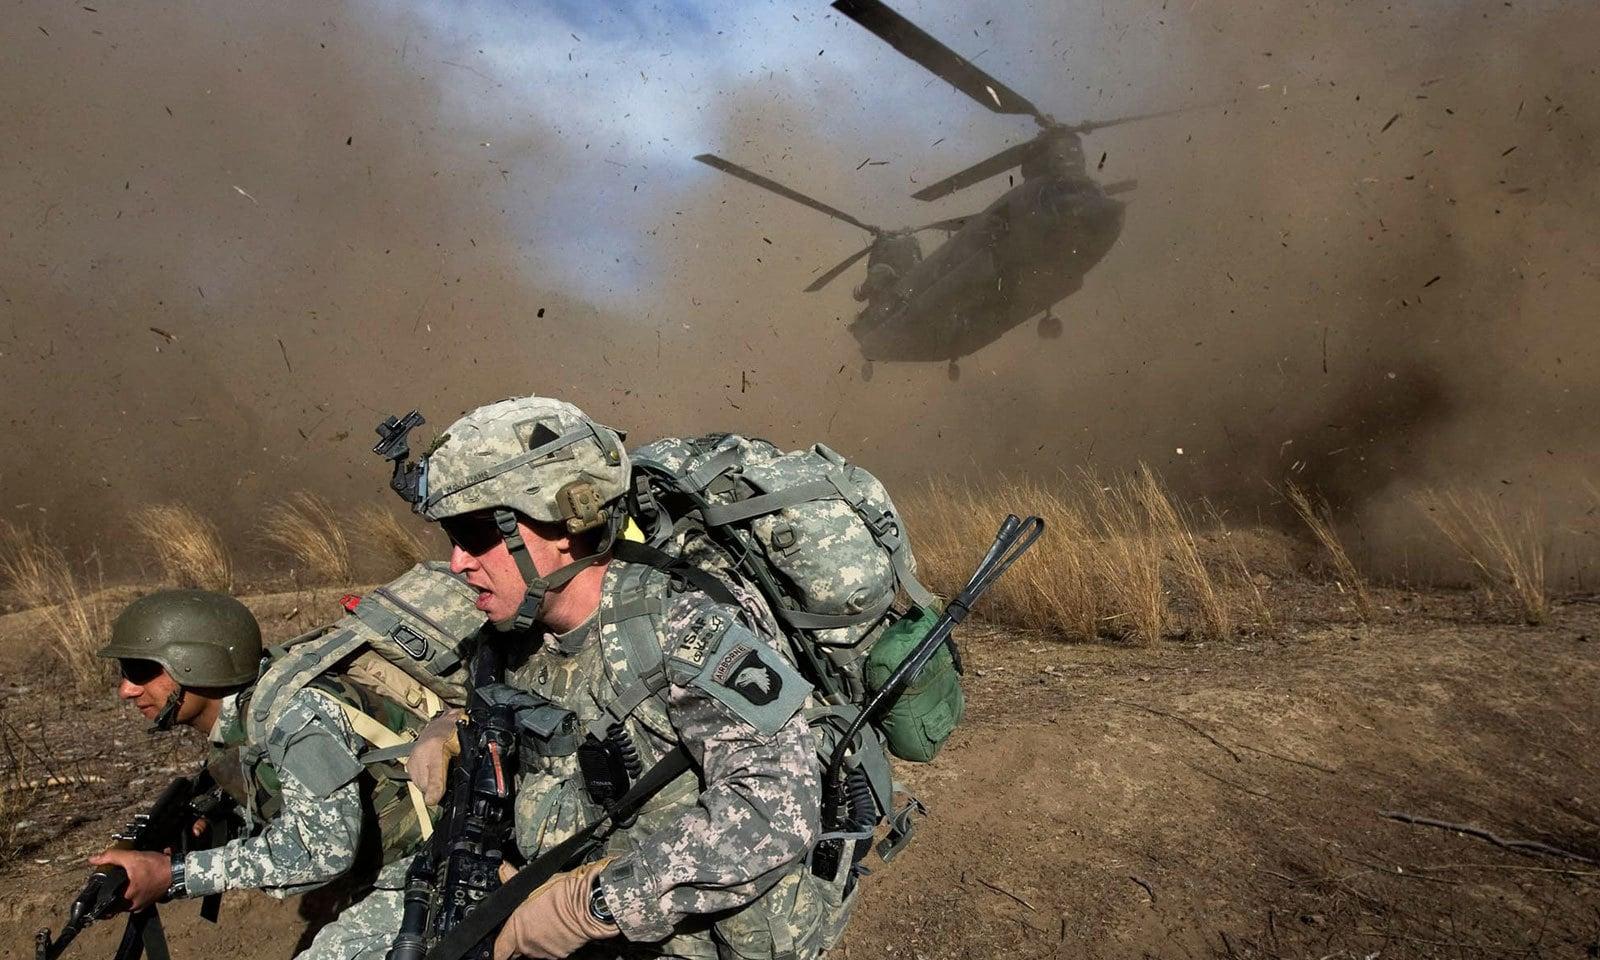 11 نومبر 2009 کو امریکی فوج اور افغان نیشنل آرمی نے افغانستان کے صوبے خوست میں سپیرا کی پہاڑیوں میں کارروائی کی—فوٹو: اے ایف پی